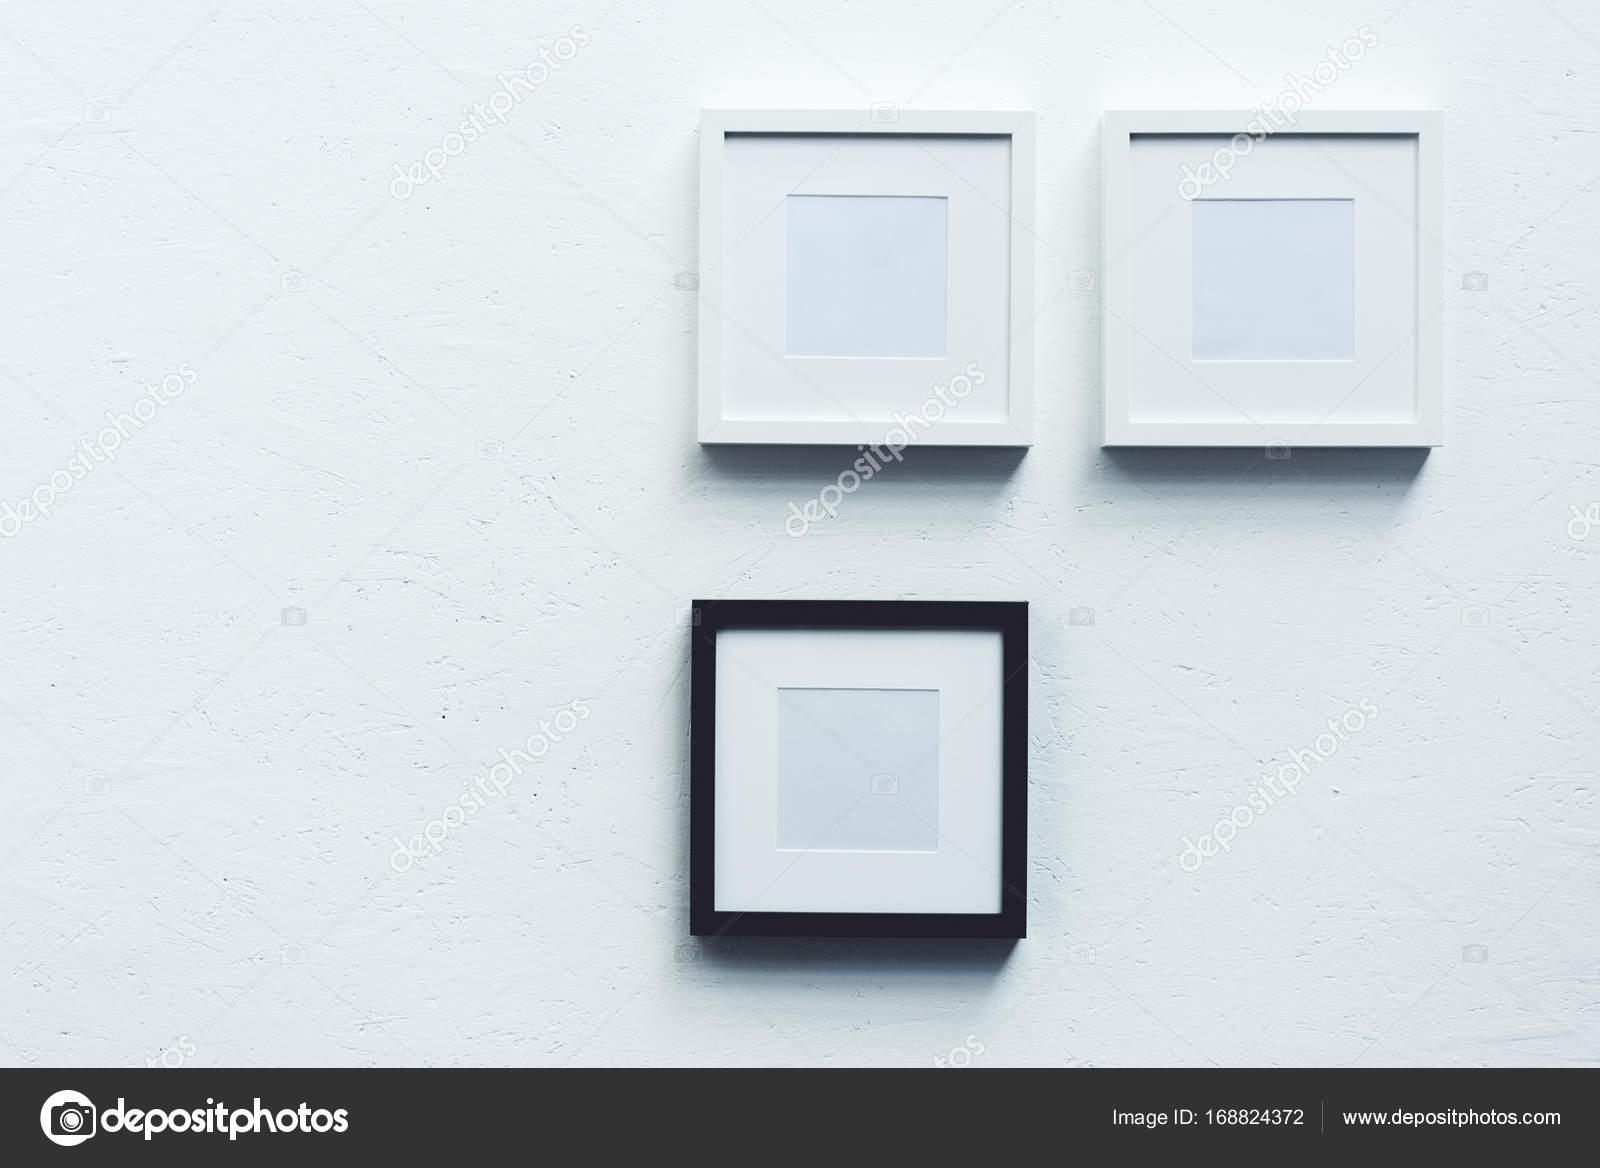 cadres photo vide accroch sur le mur photographie. Black Bedroom Furniture Sets. Home Design Ideas